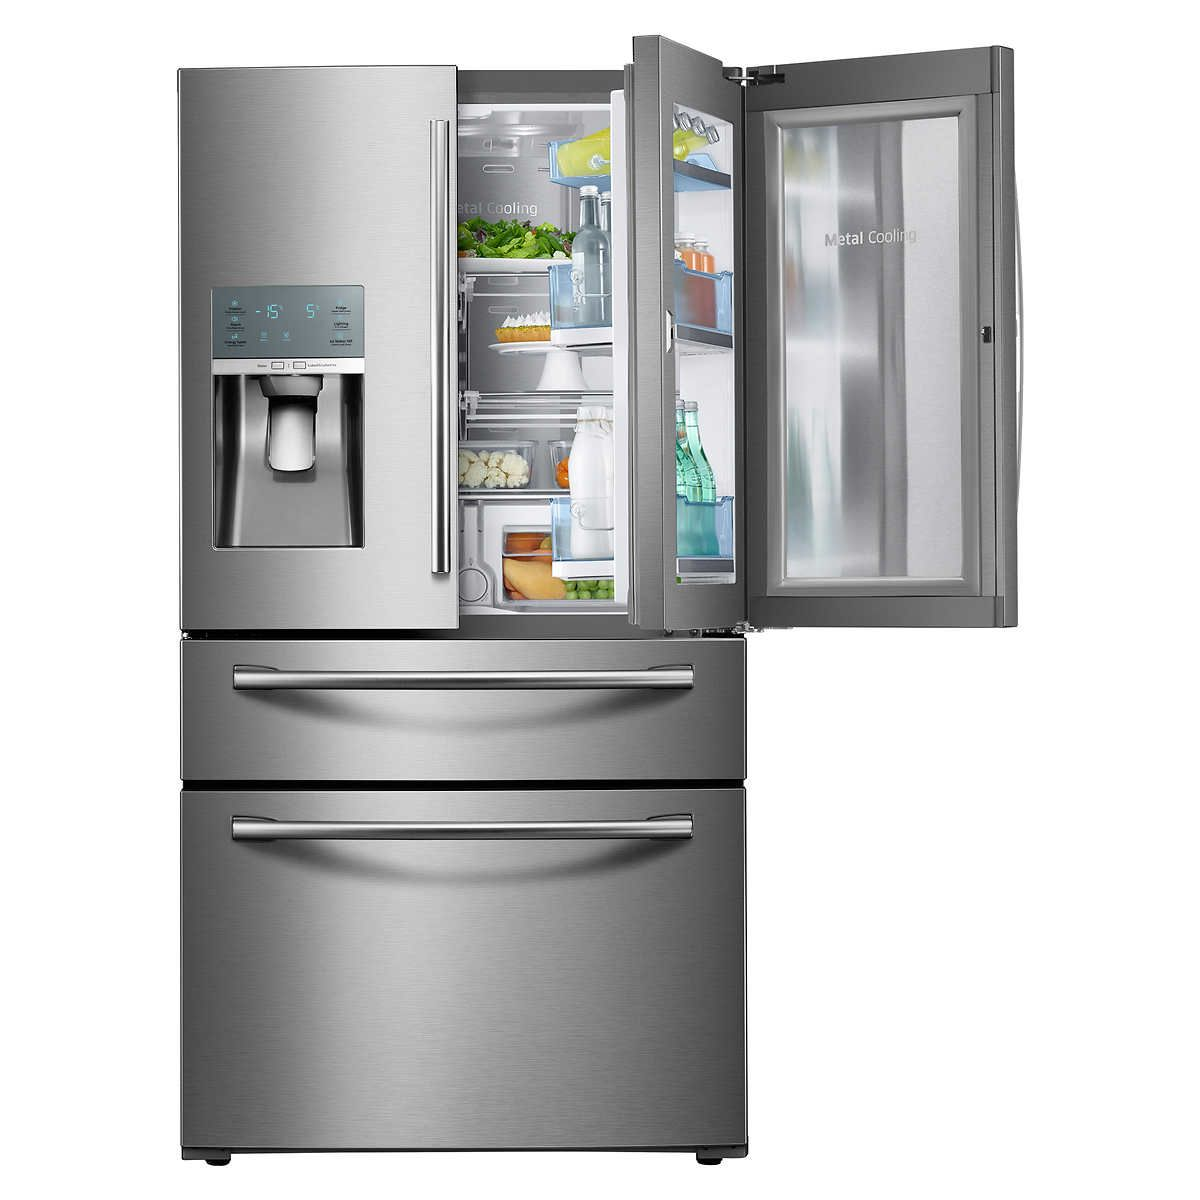 Samsung 28cuft 4 Door French Door Showcase Refrigerator With Metal